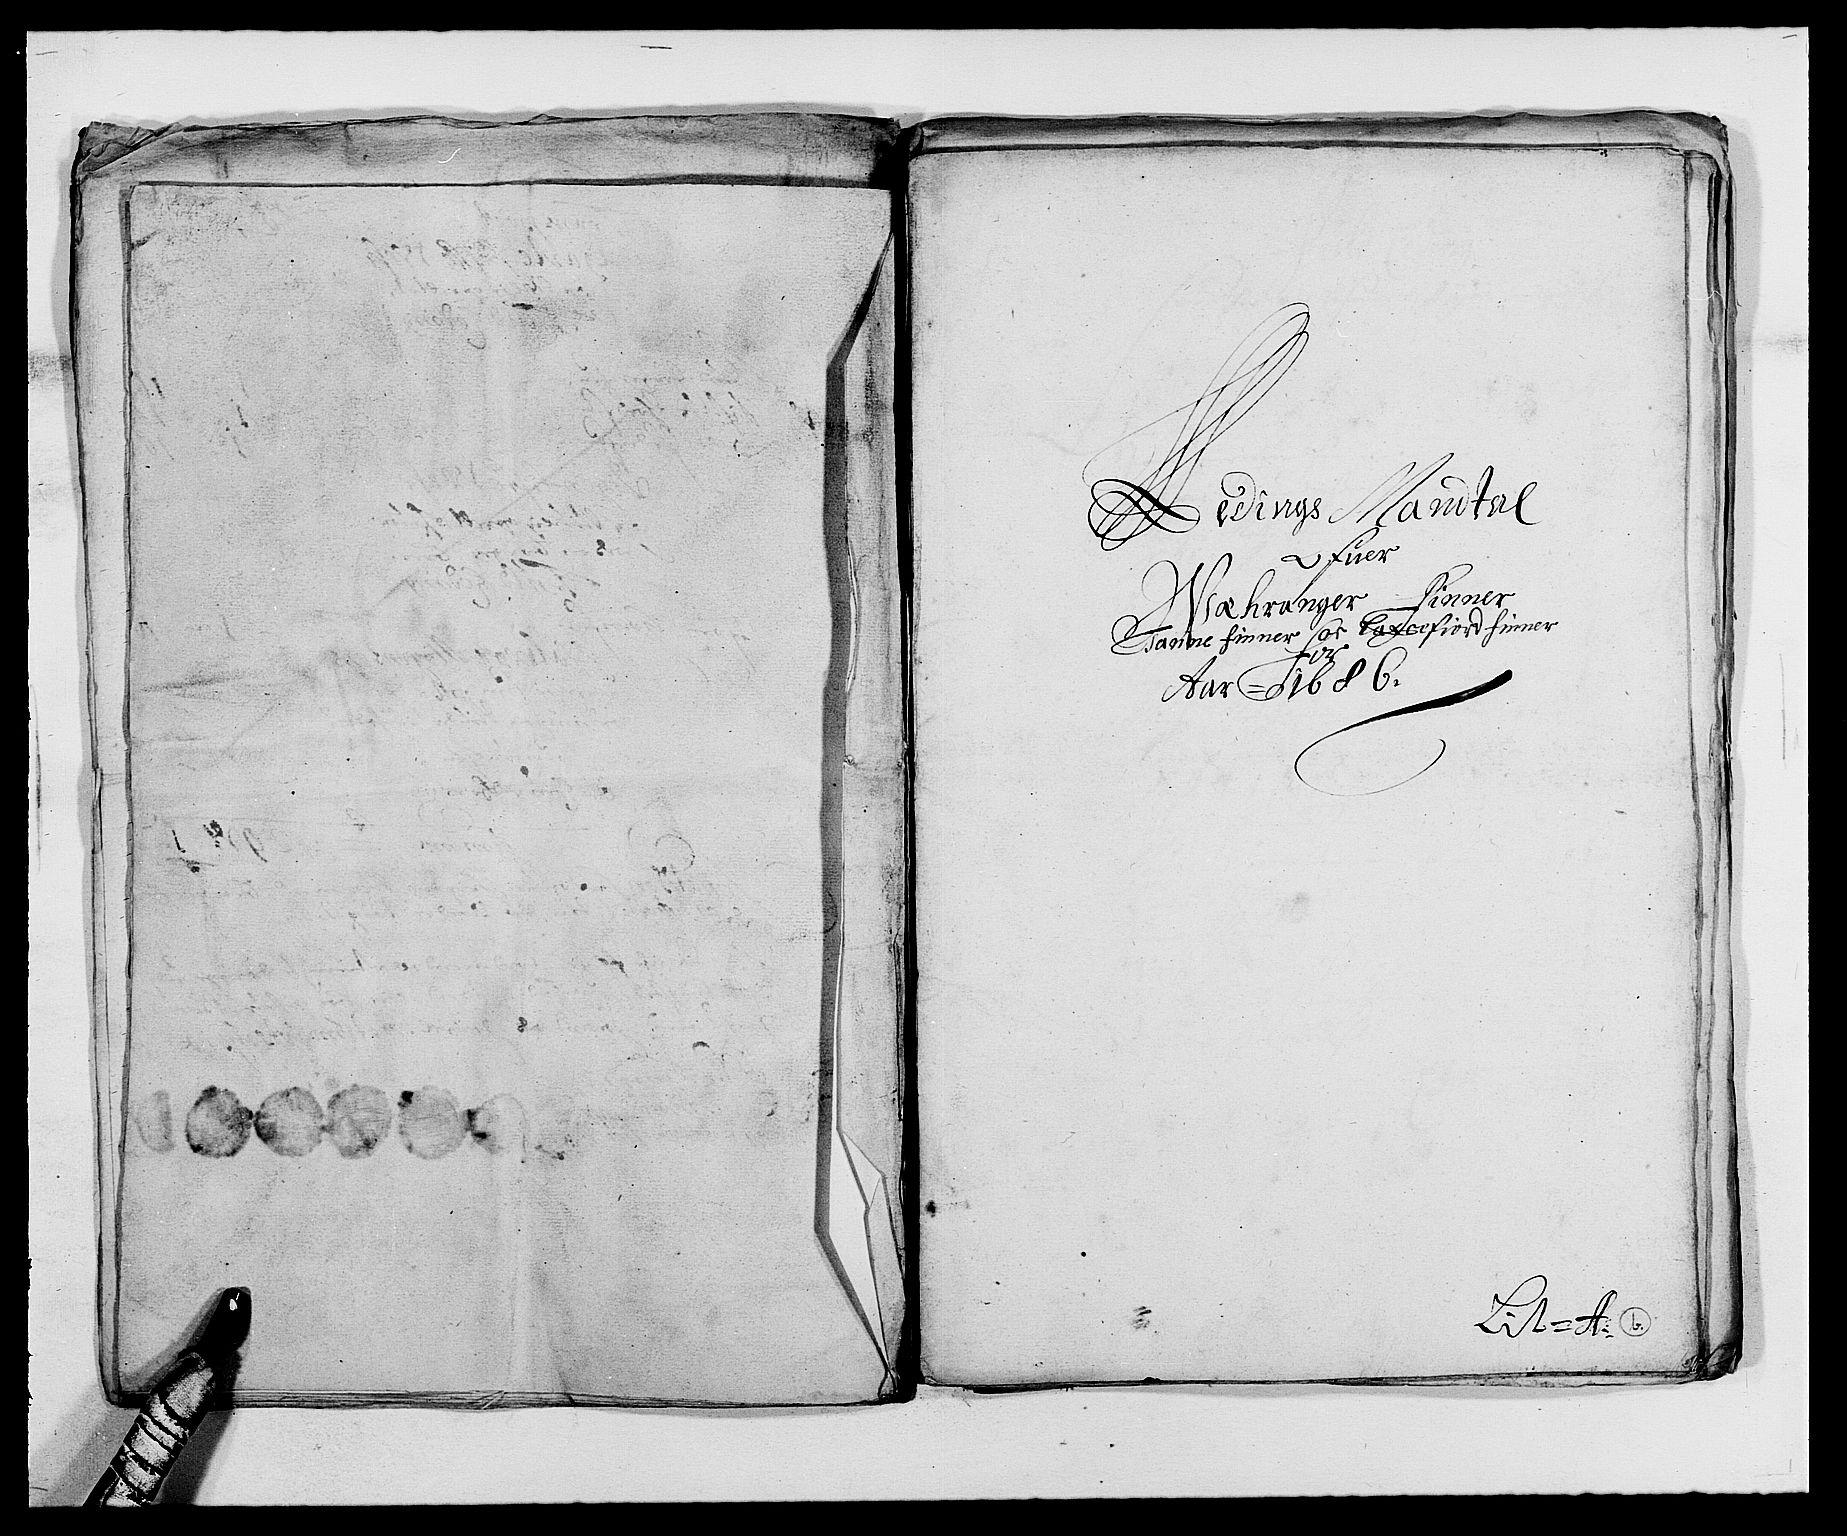 RA, Rentekammeret inntil 1814, Reviderte regnskaper, Fogderegnskap, R69/L4850: Fogderegnskap Finnmark/Vardøhus, 1680-1690, s. 41